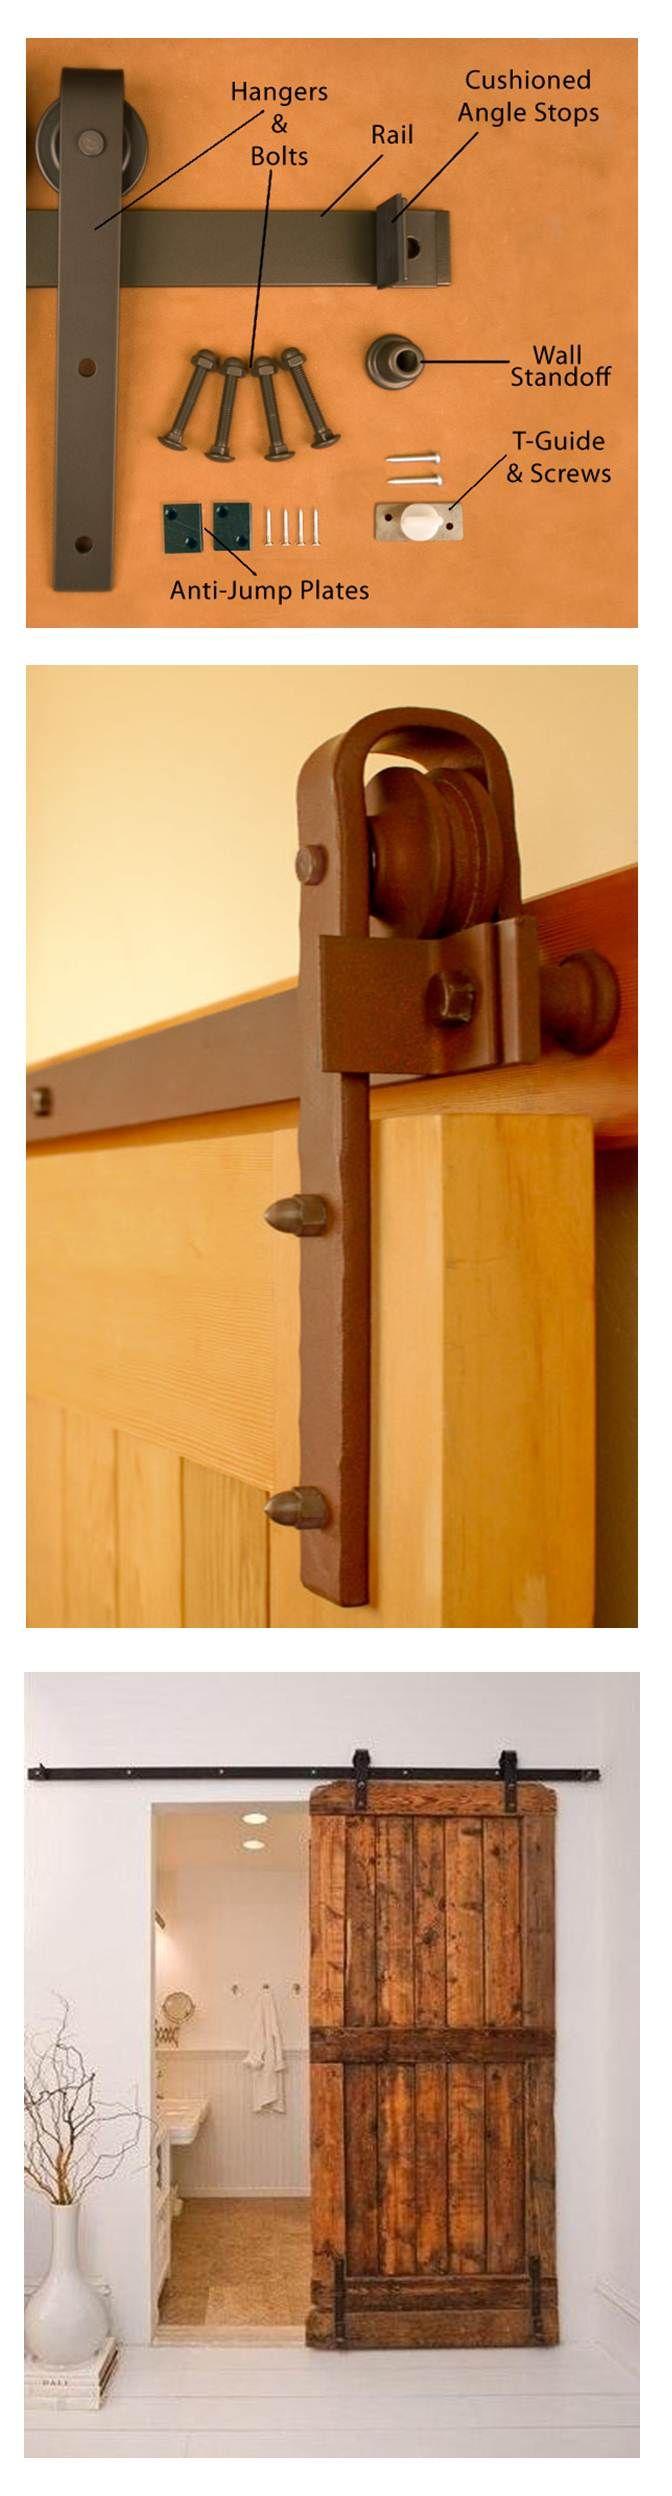 Sliding Barn Door Hardware Finished Product Home Diy Diy Furniture Sliding Barn Door Hardware